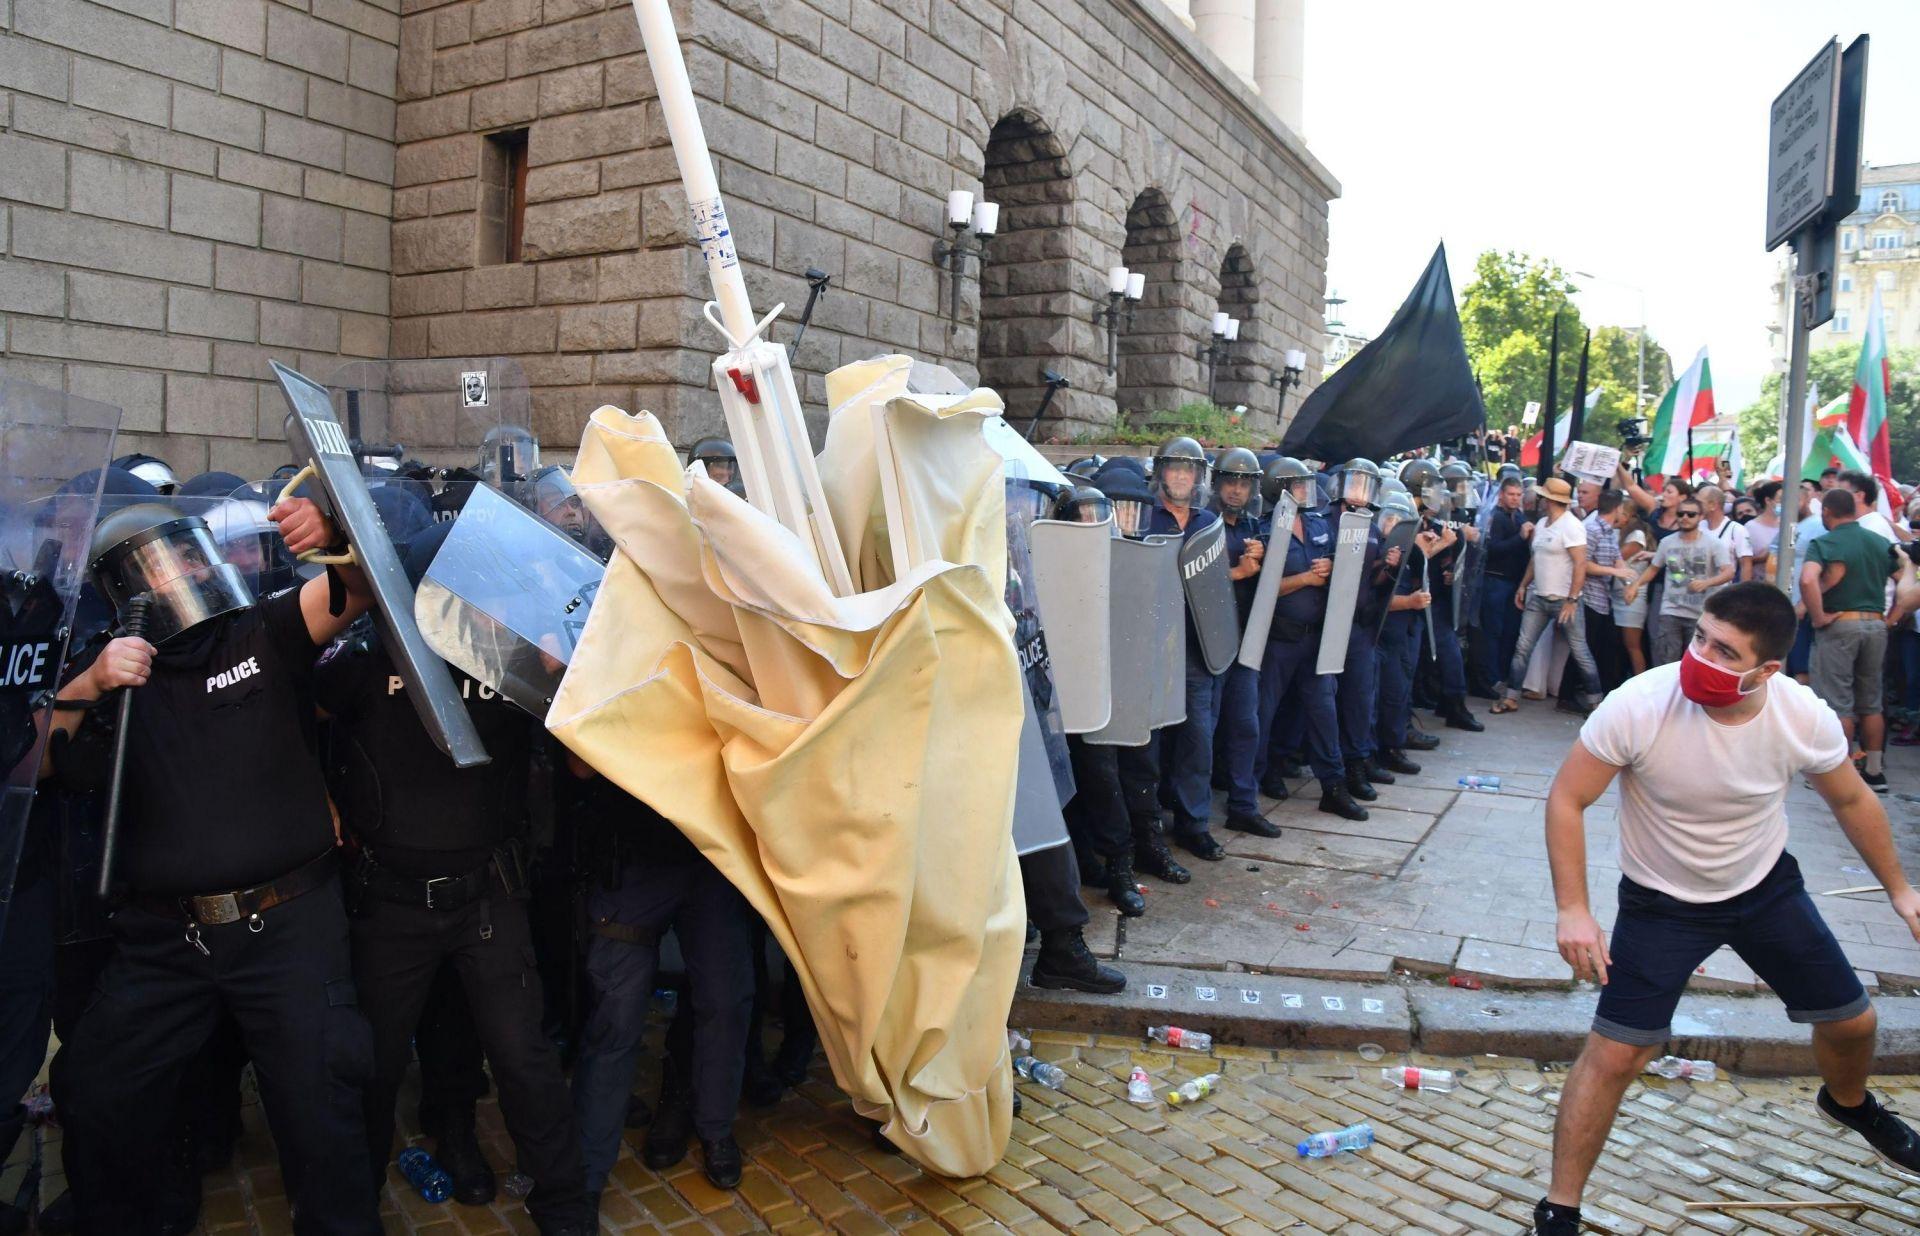 Към силите на реда бе хвърлен и чадър